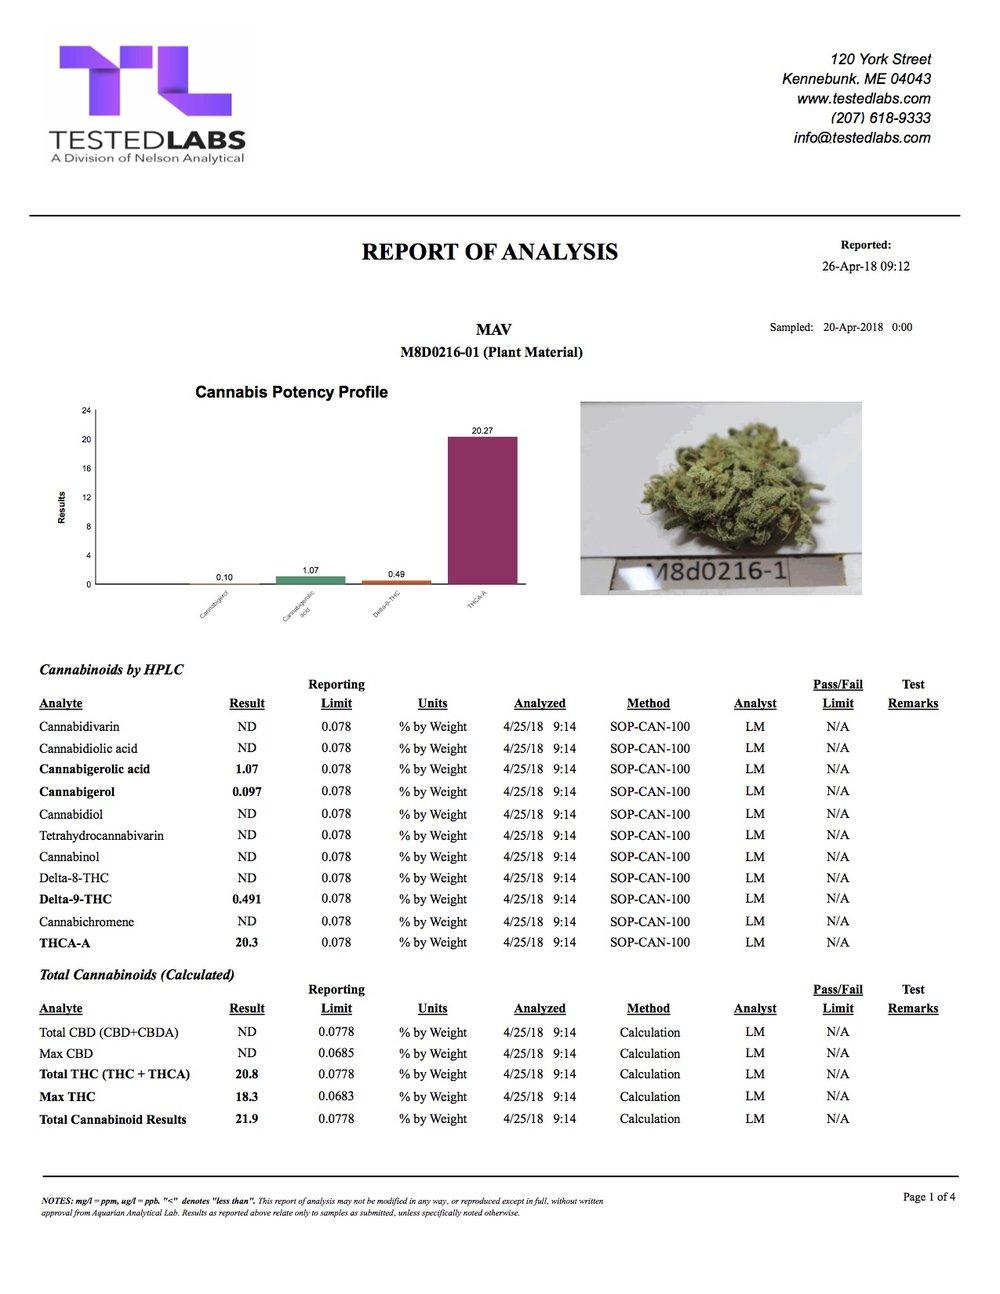 MAV Lab results.jpg